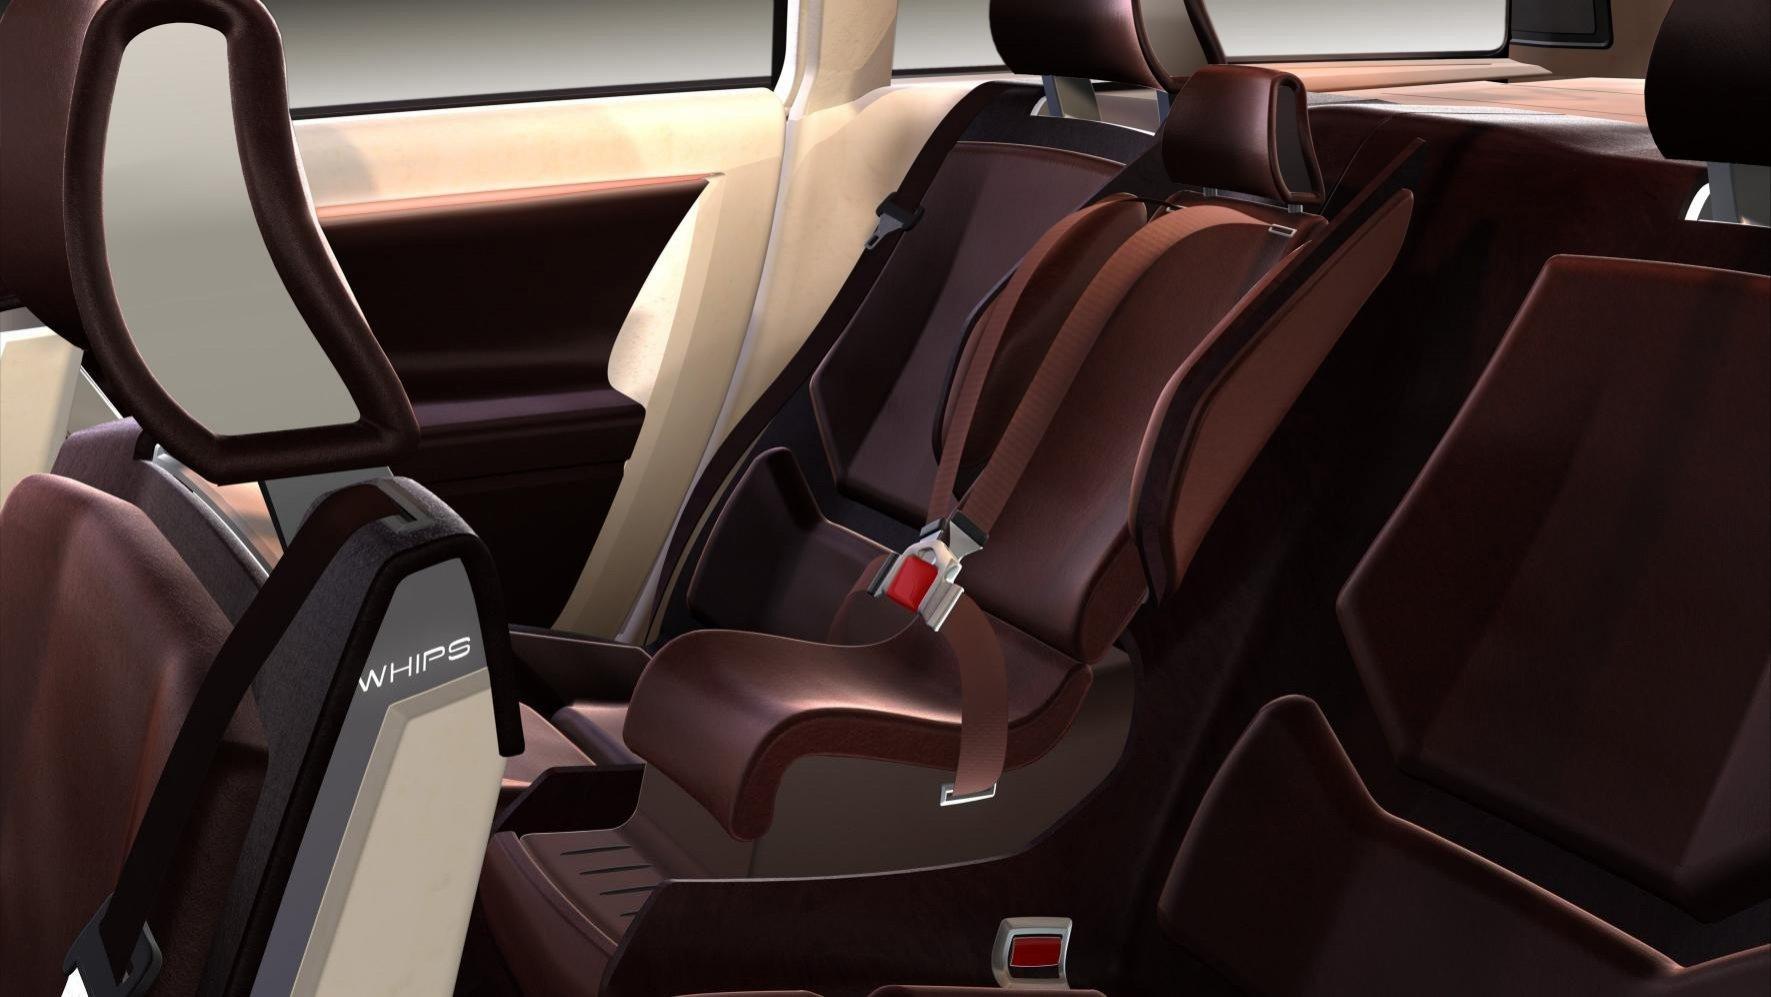 asiento infantil integrado mercedes. Black Bedroom Furniture Sets. Home Design Ideas